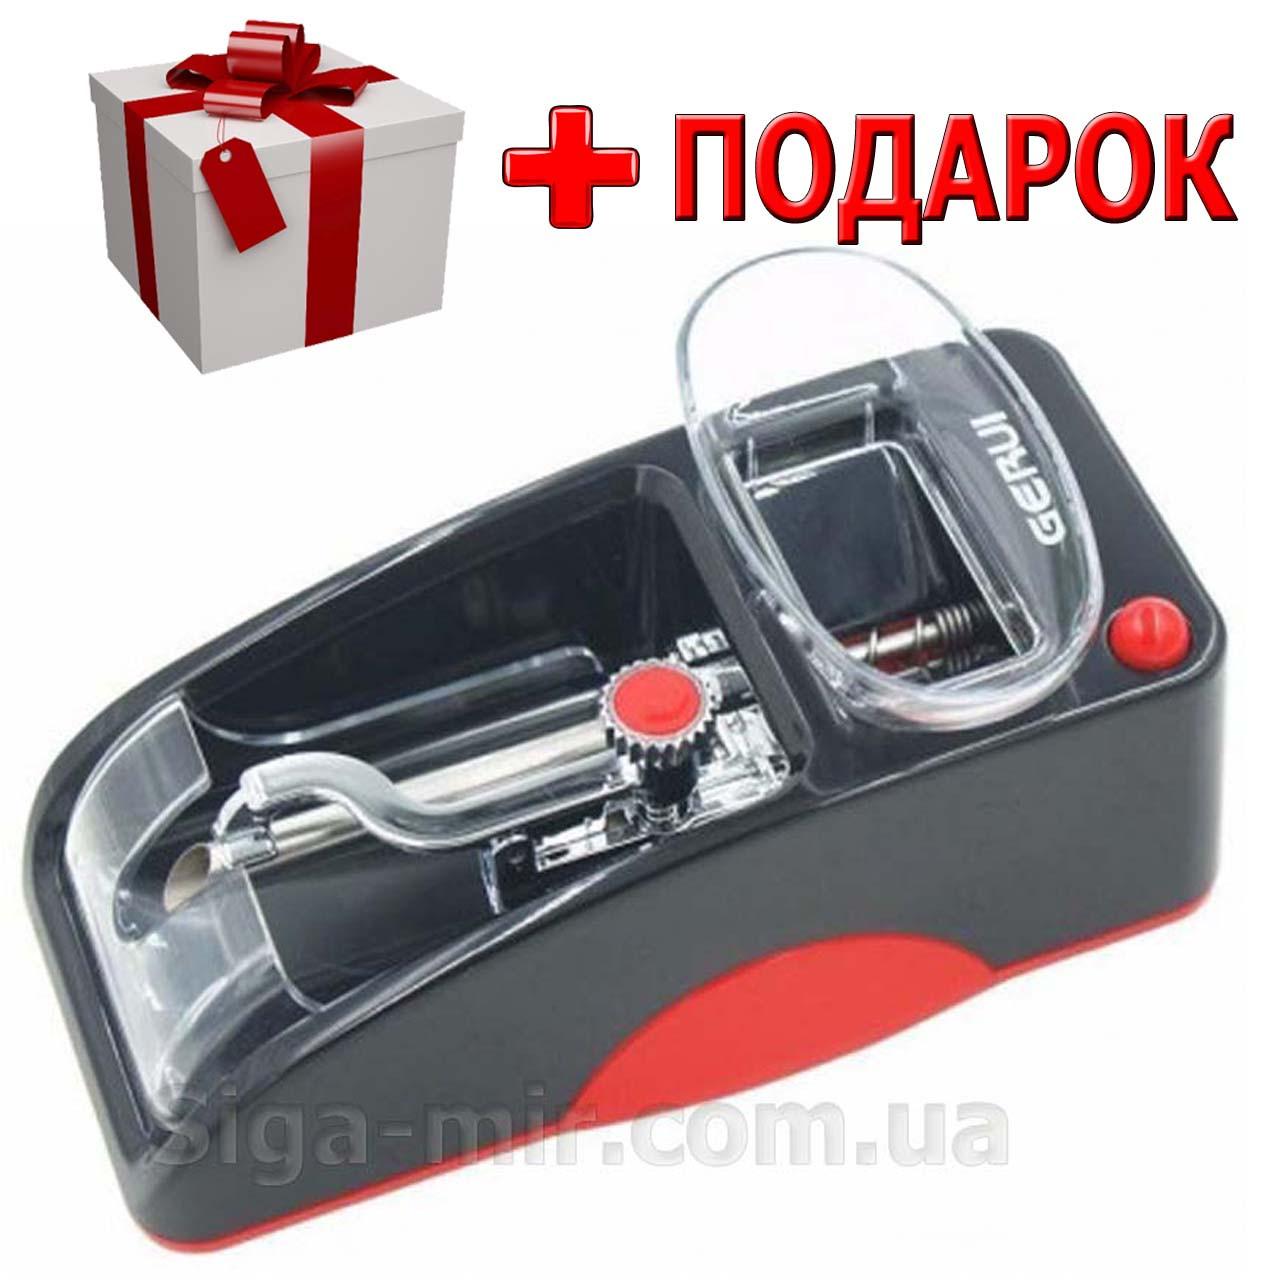 Электрическая машинка для сигарет Gerui GR - 12 - 005